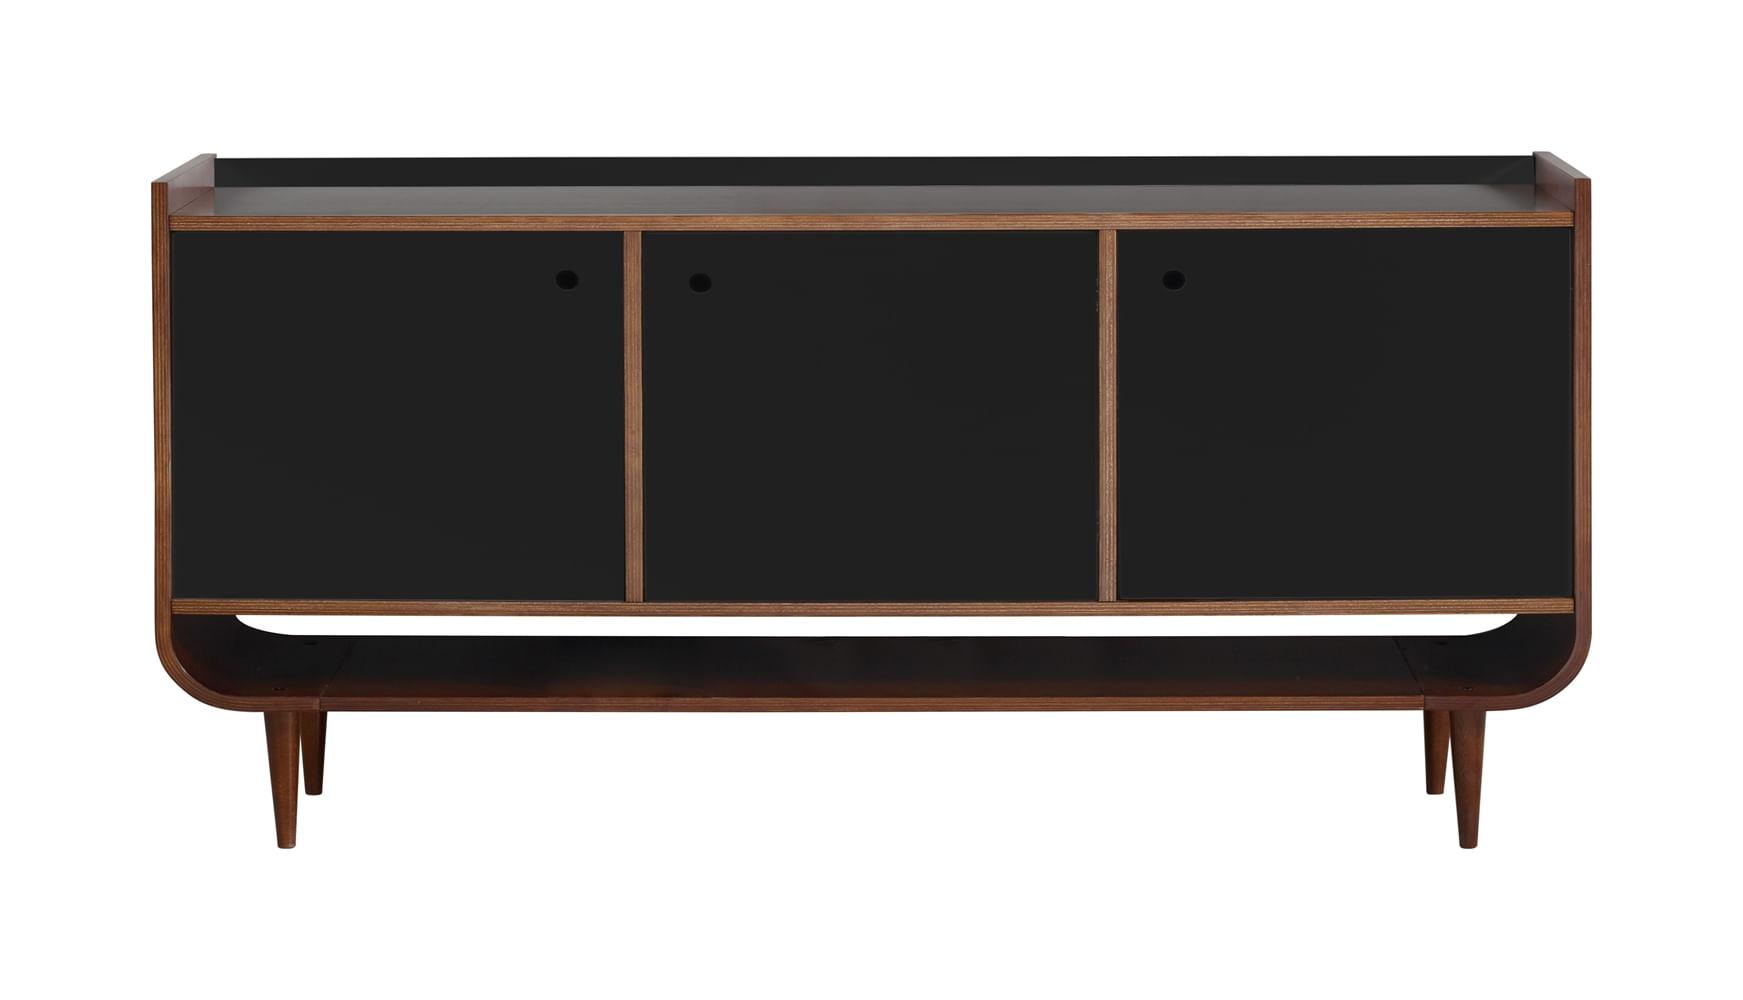 Buffet Dylan C/ 3 Portas Madeira Cor Cacau/Preto - 22483